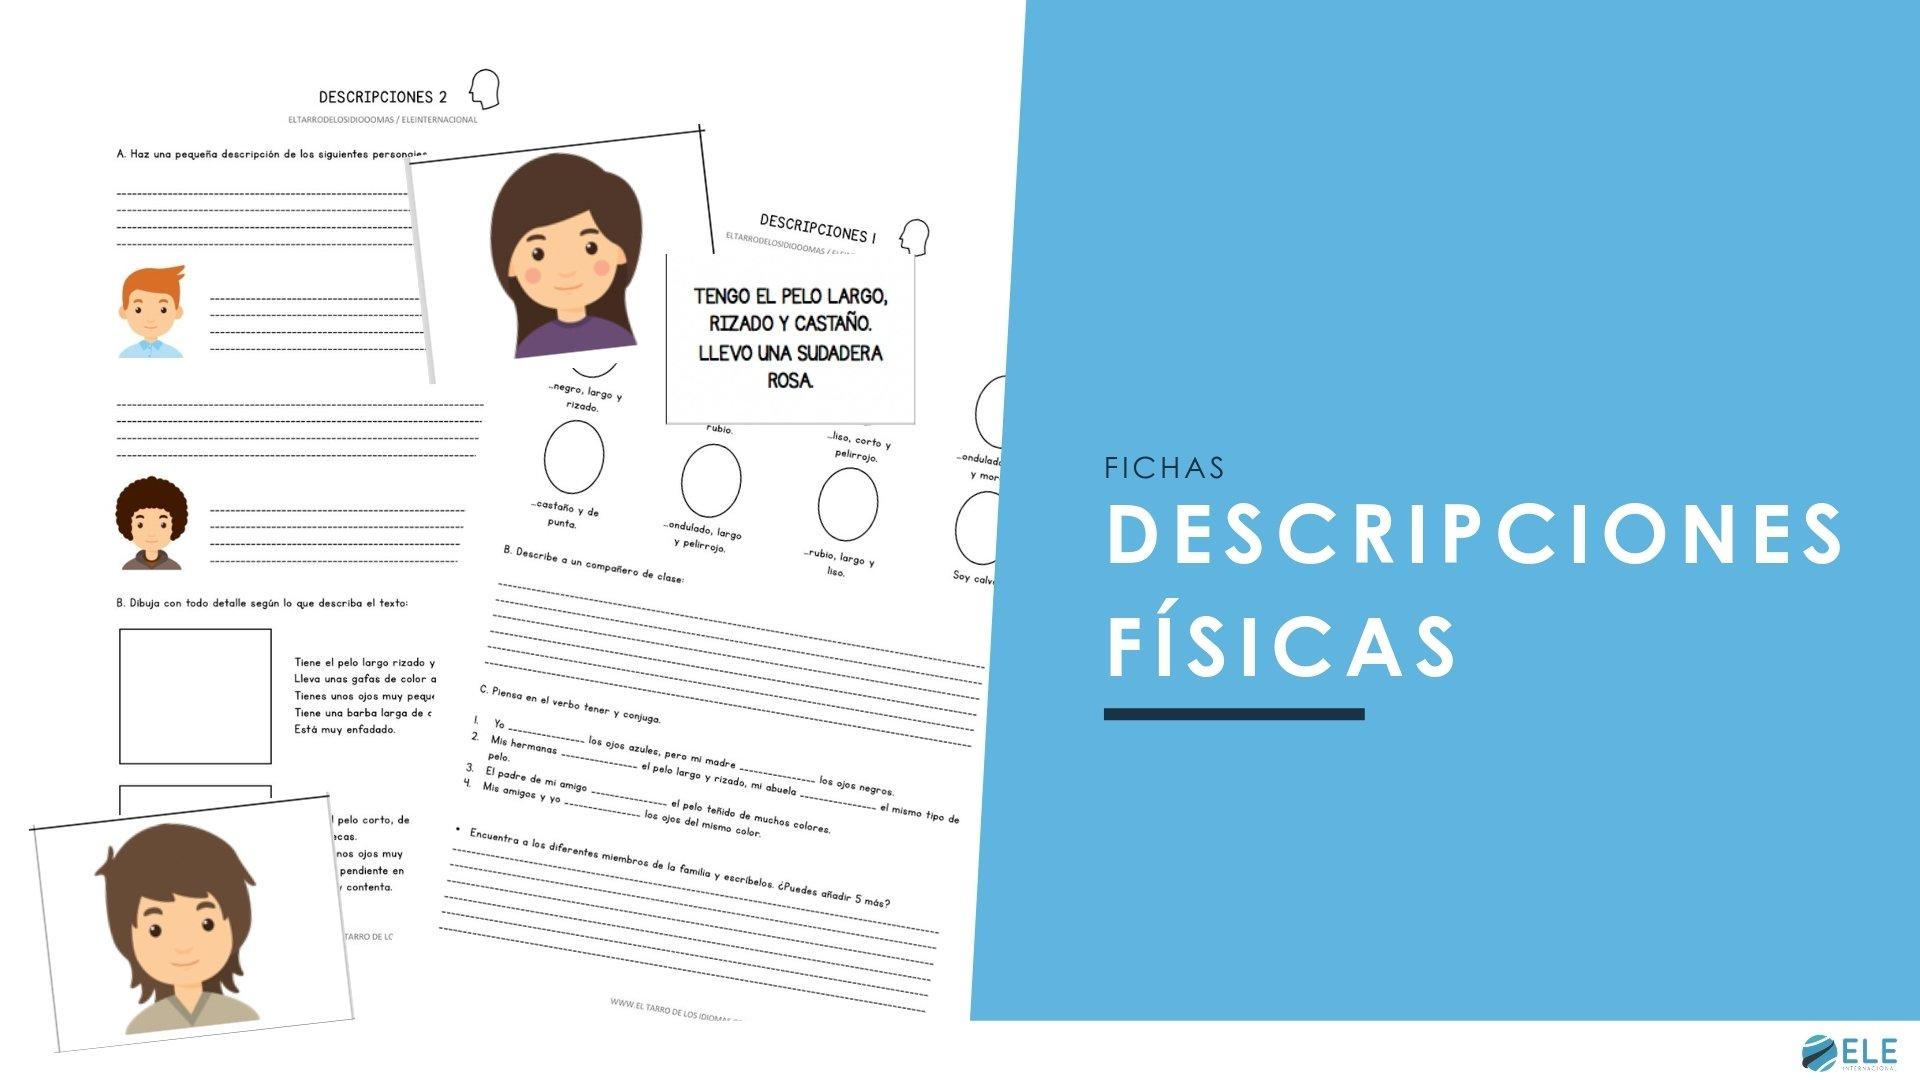 Actividades para trabaja las descripciones físicas en clase de ELE.